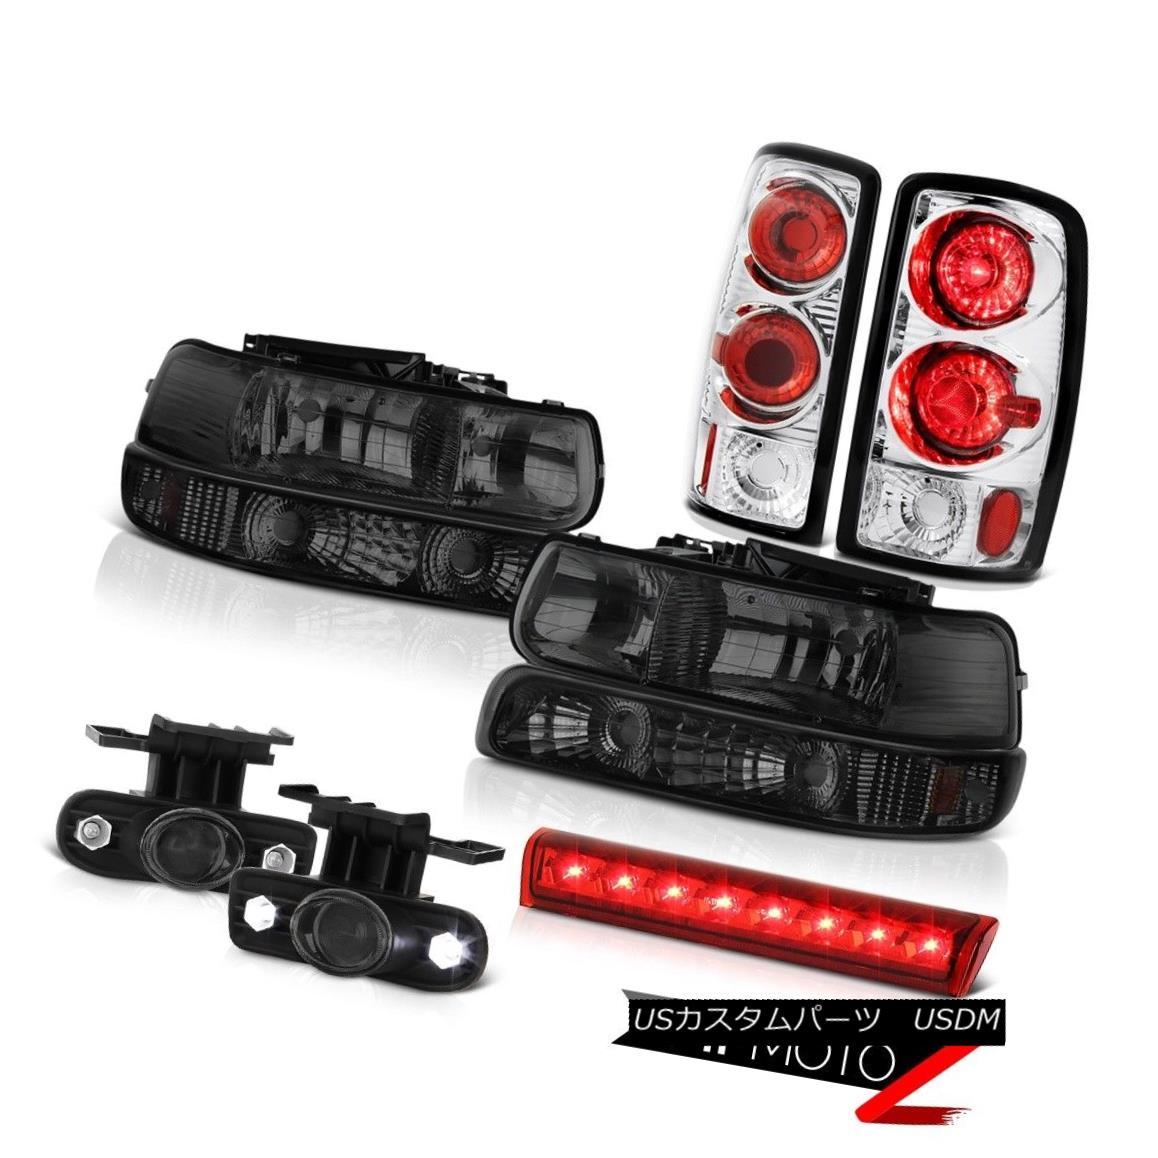 テールライト 2000-2006 Chevy Tahoe LS Rosso red high stop lamp foglights taillights headlamps 2000-2006シボレータホLSロッソレッドハイストップランプフォグライトテールライトヘッドランプ